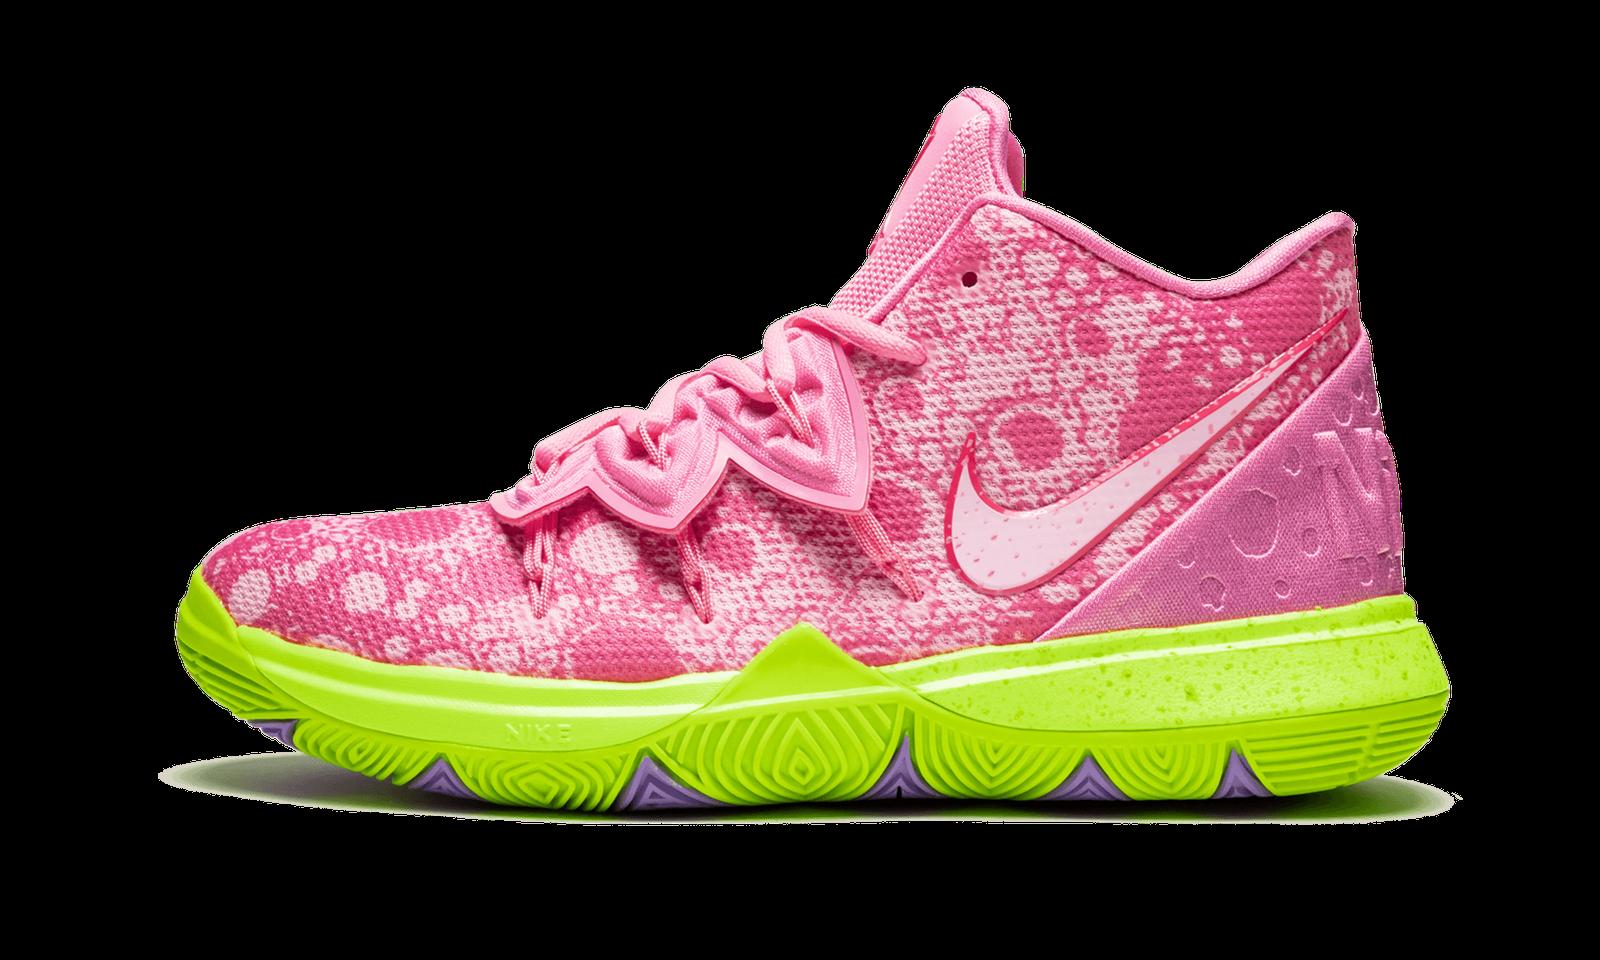 Nike Kyrie 5 GS Patrick Star Fish